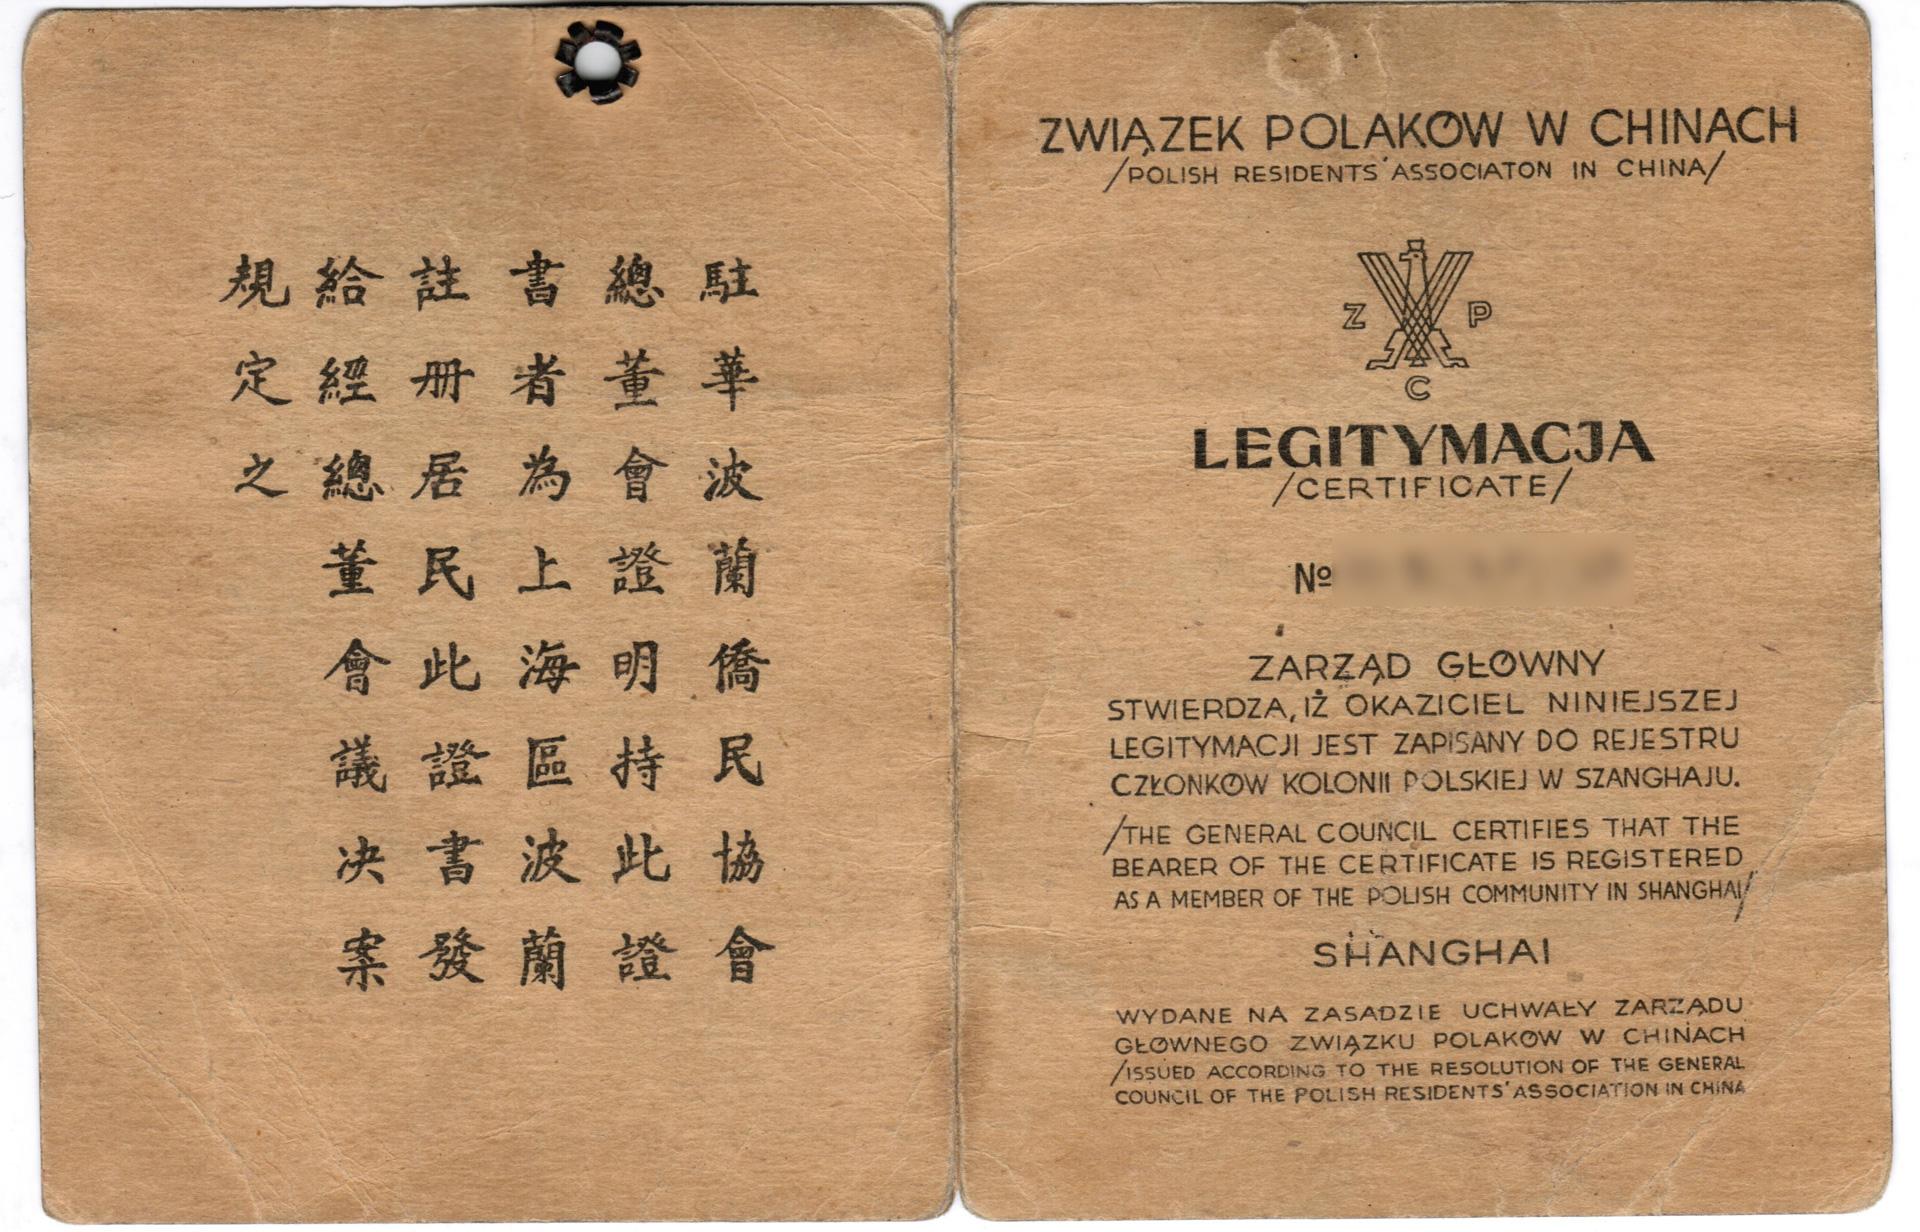 Polish Residents' Association in China ID Card - Legitymacja związku Polaków w Chinach